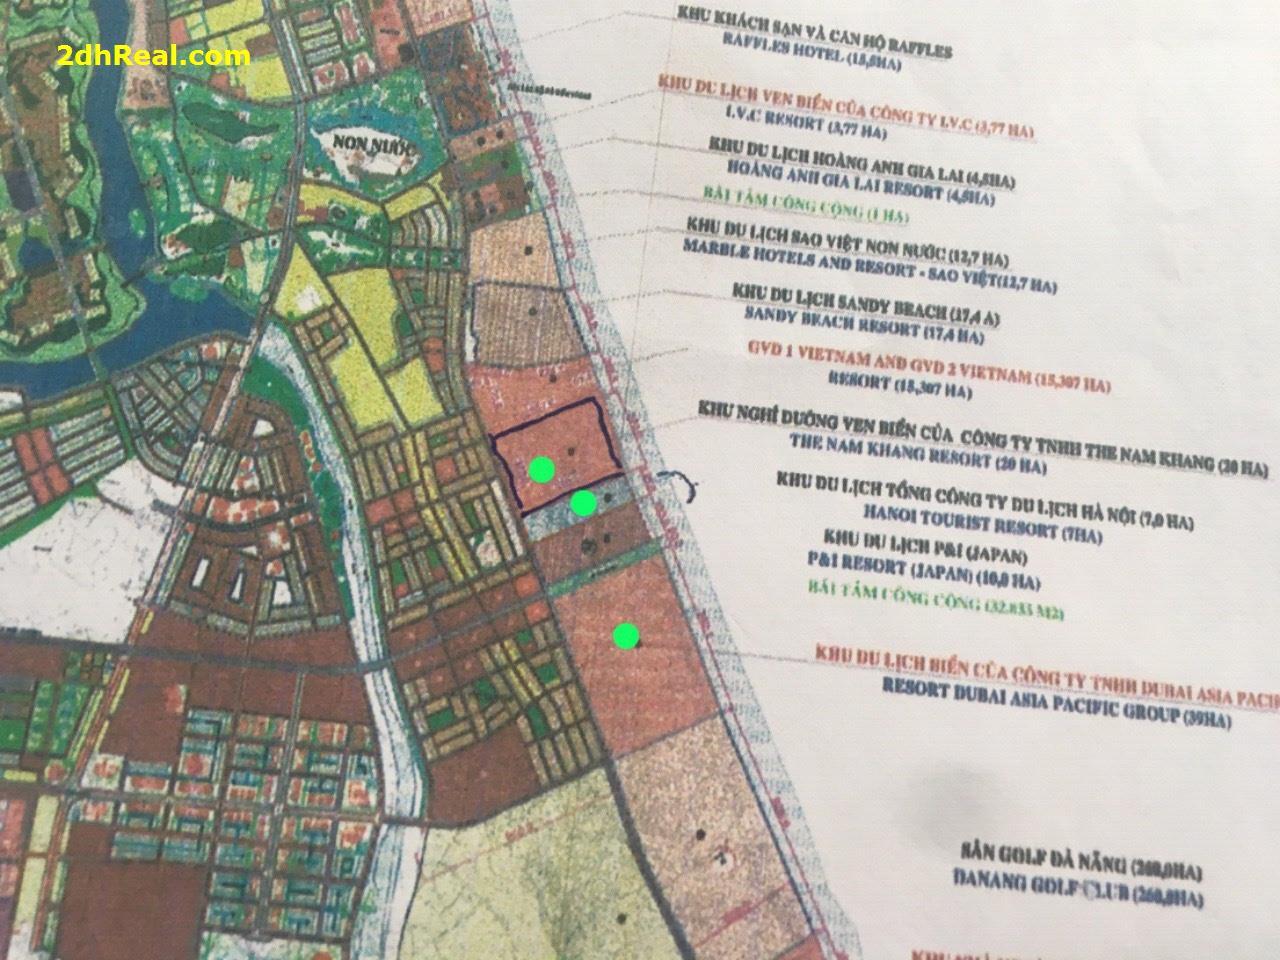 Bán dự án khu du lịch biển 39 hecta tại đường Trường Sa, phường Hoà Hải, quận Ngũ Hành Sơn, Tp Đà Nẵng